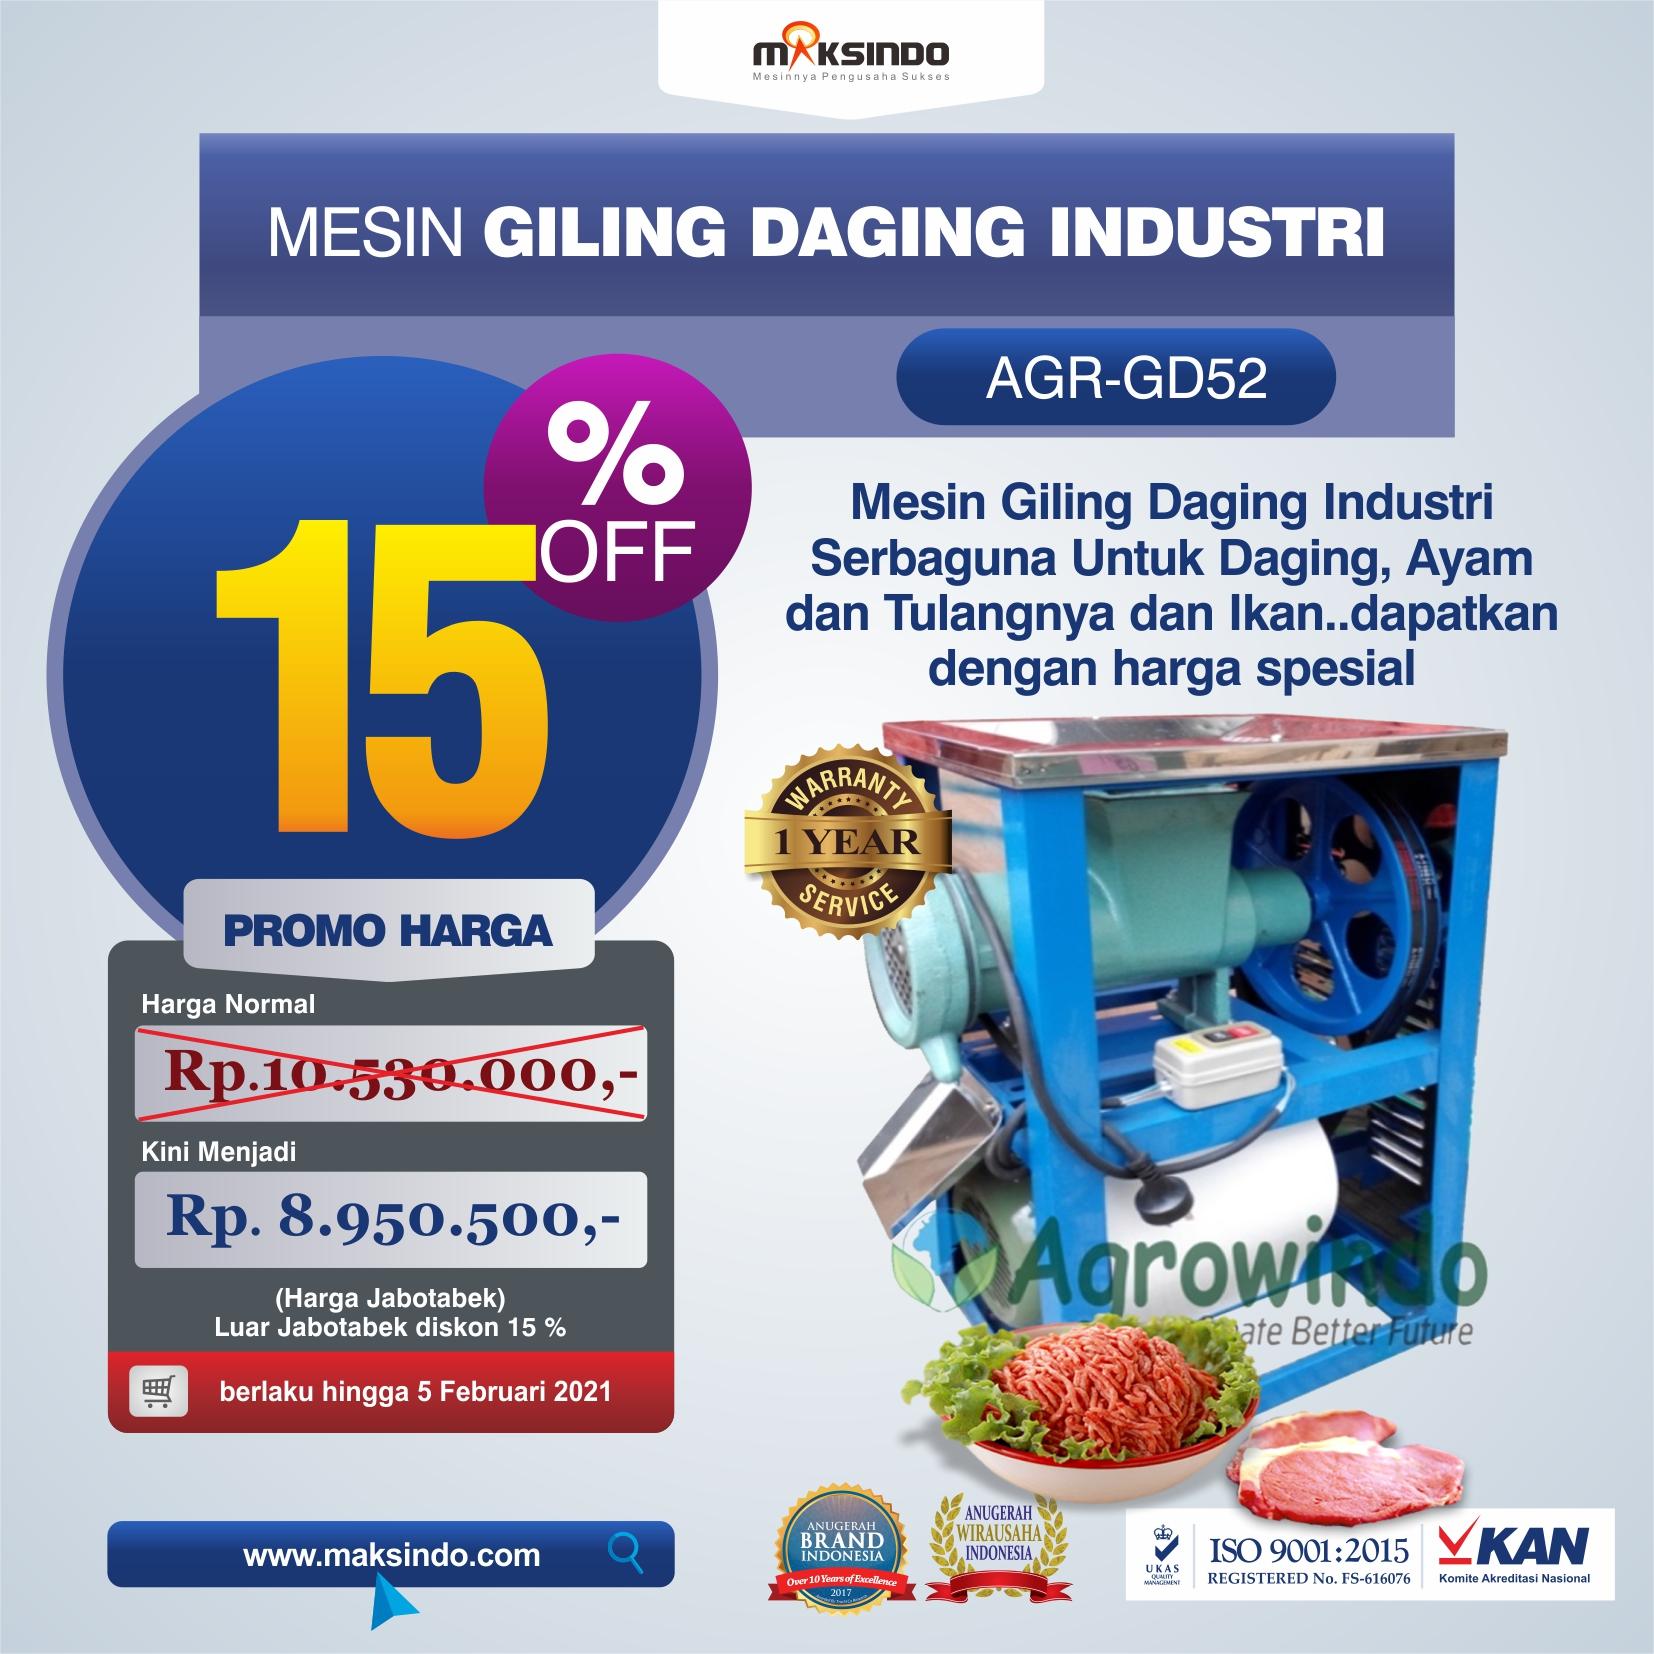 Jual Mesin Giling Daging Industri (AGR-GD52) di Medan